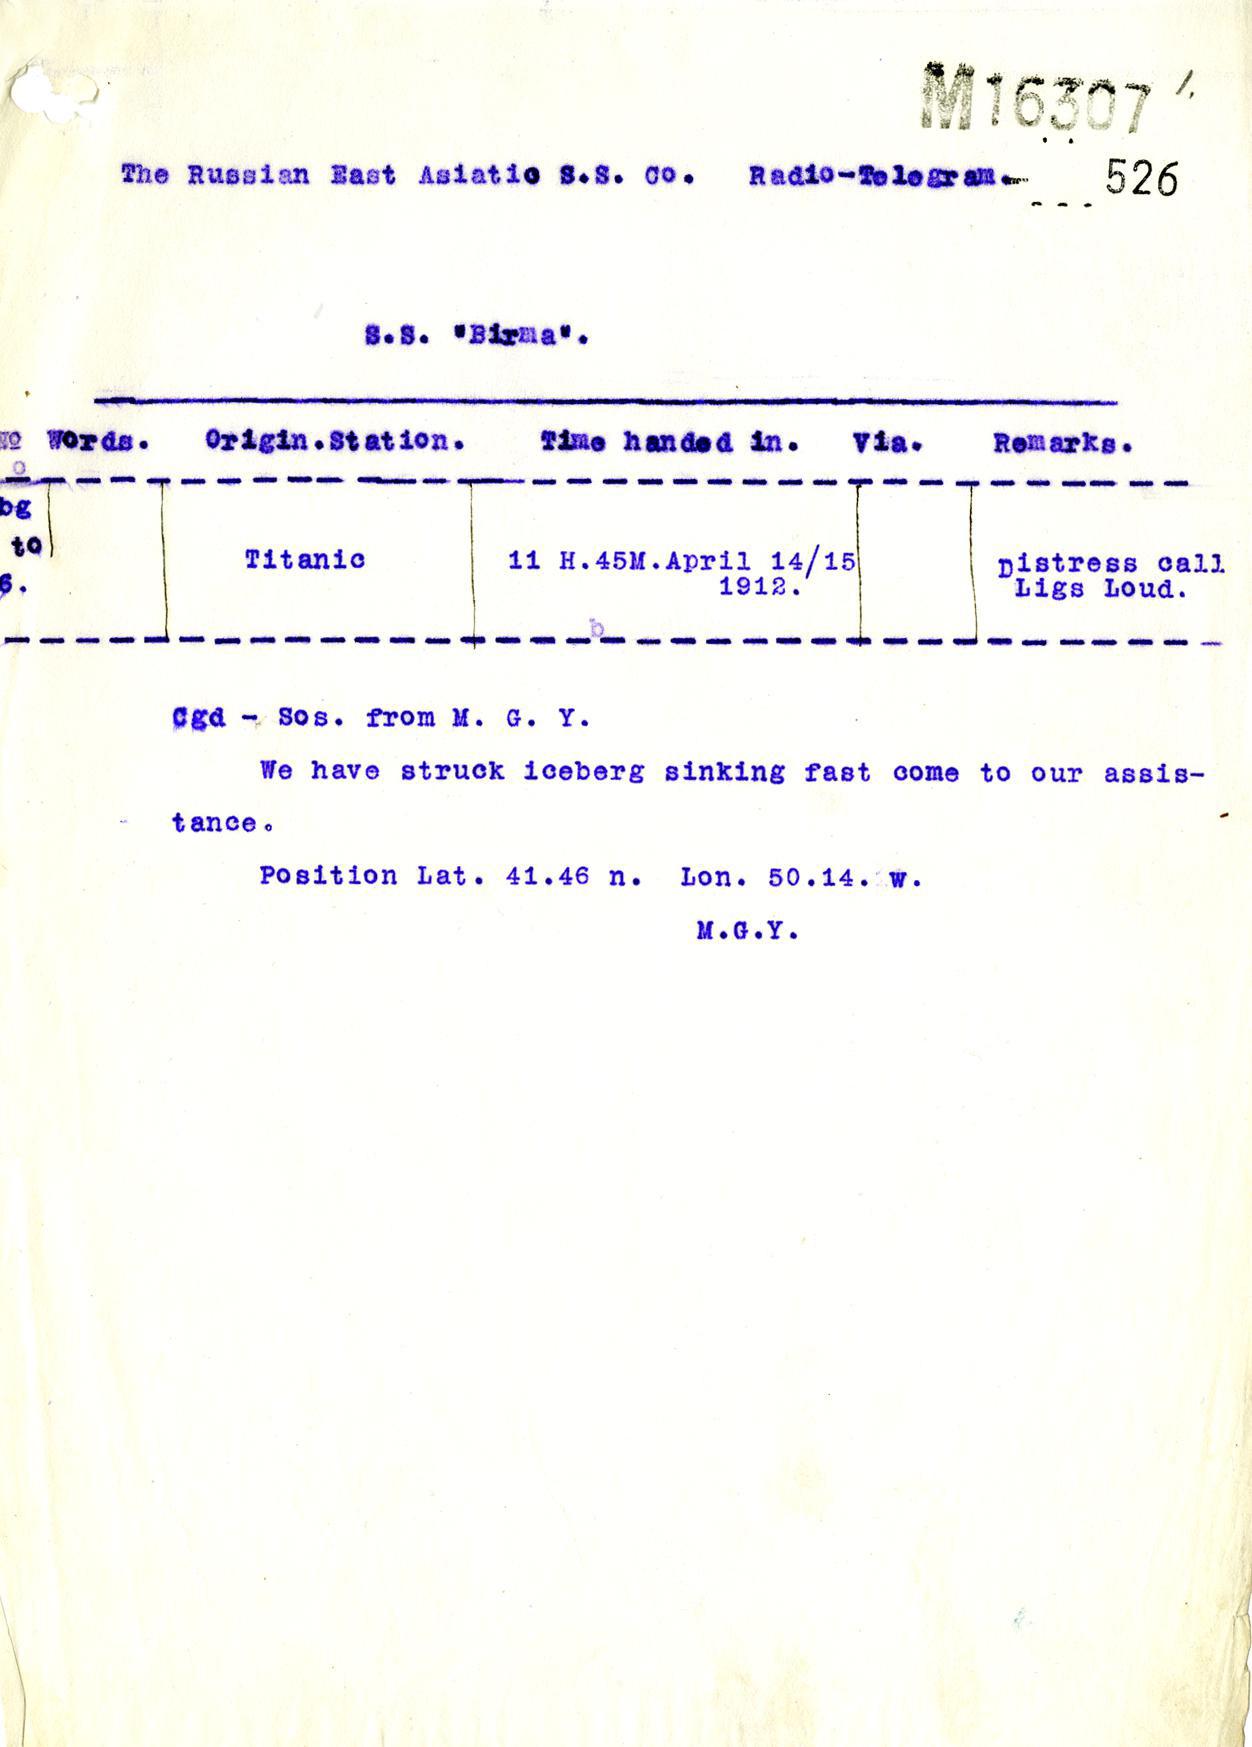 MT-9_920C-_526_1854-1969-Titanic.jpg